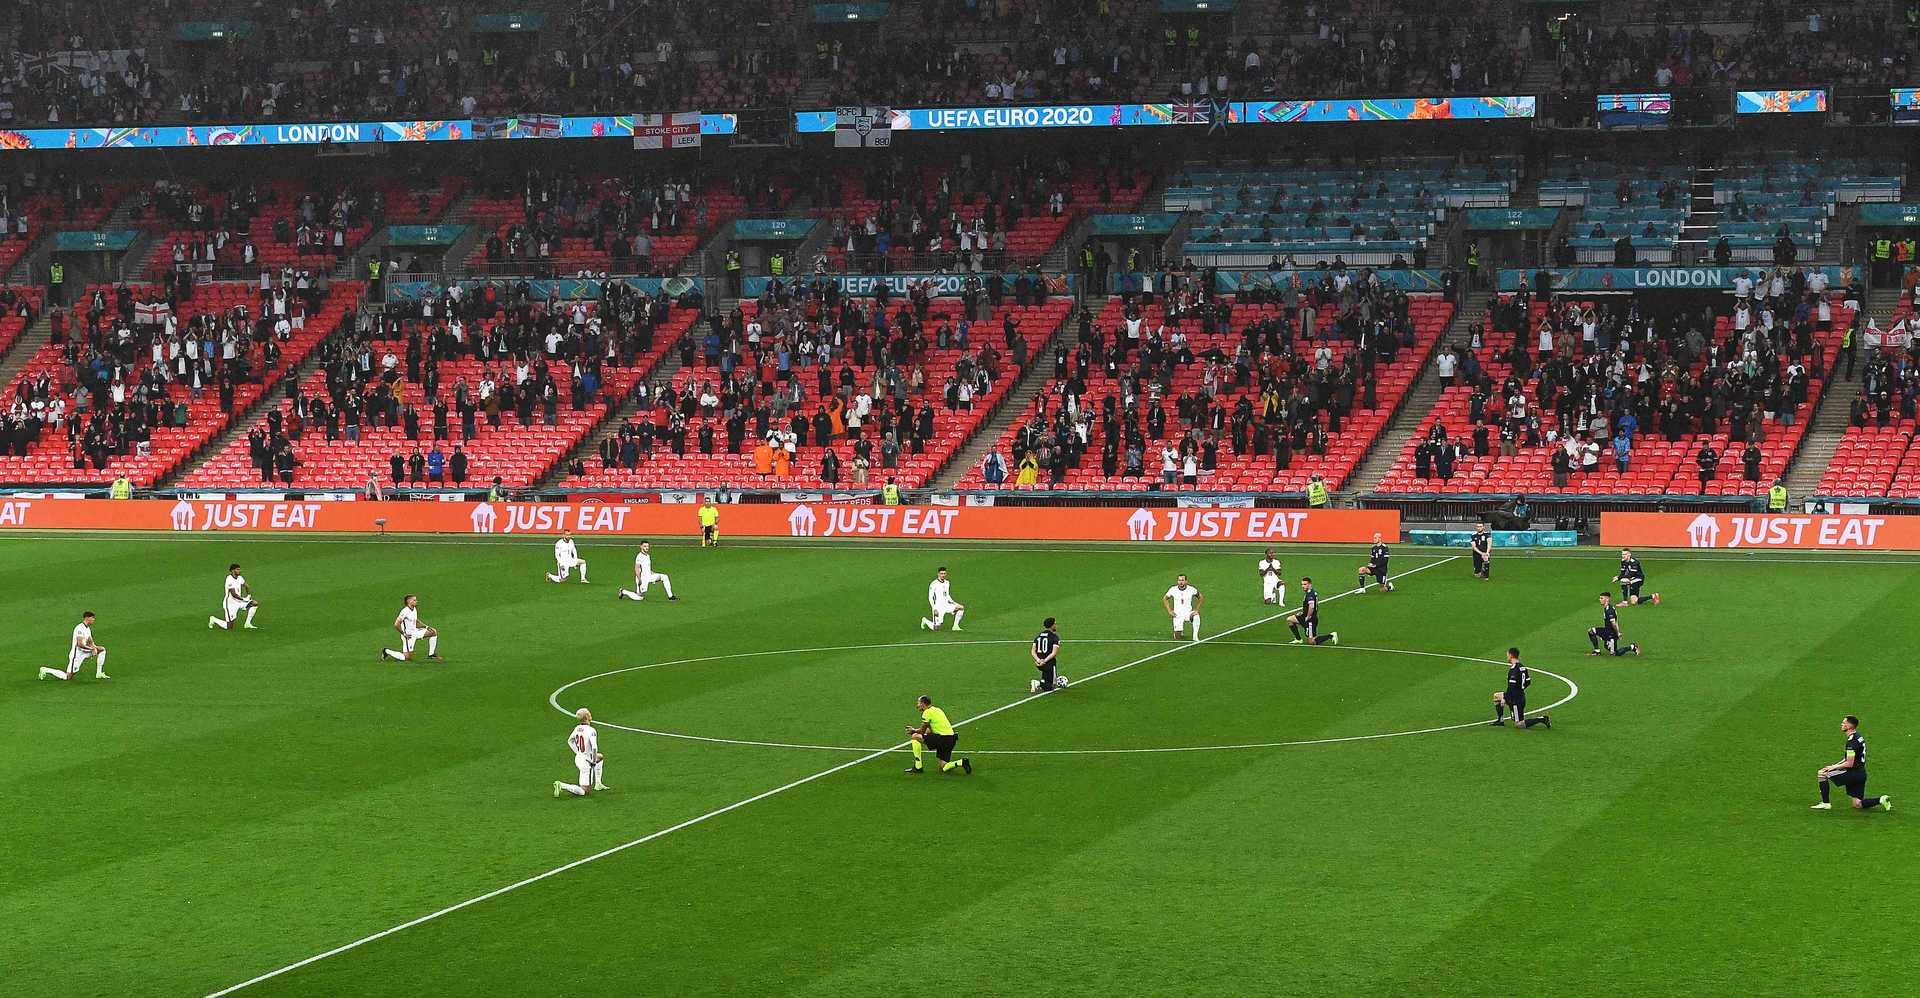 Jogadores de Inglaterra e Escócia superam rivalidade histórica e se ajoelham em protesto contra o racismo em Wembley. Foto Facundo Arrizabalaga/AFP